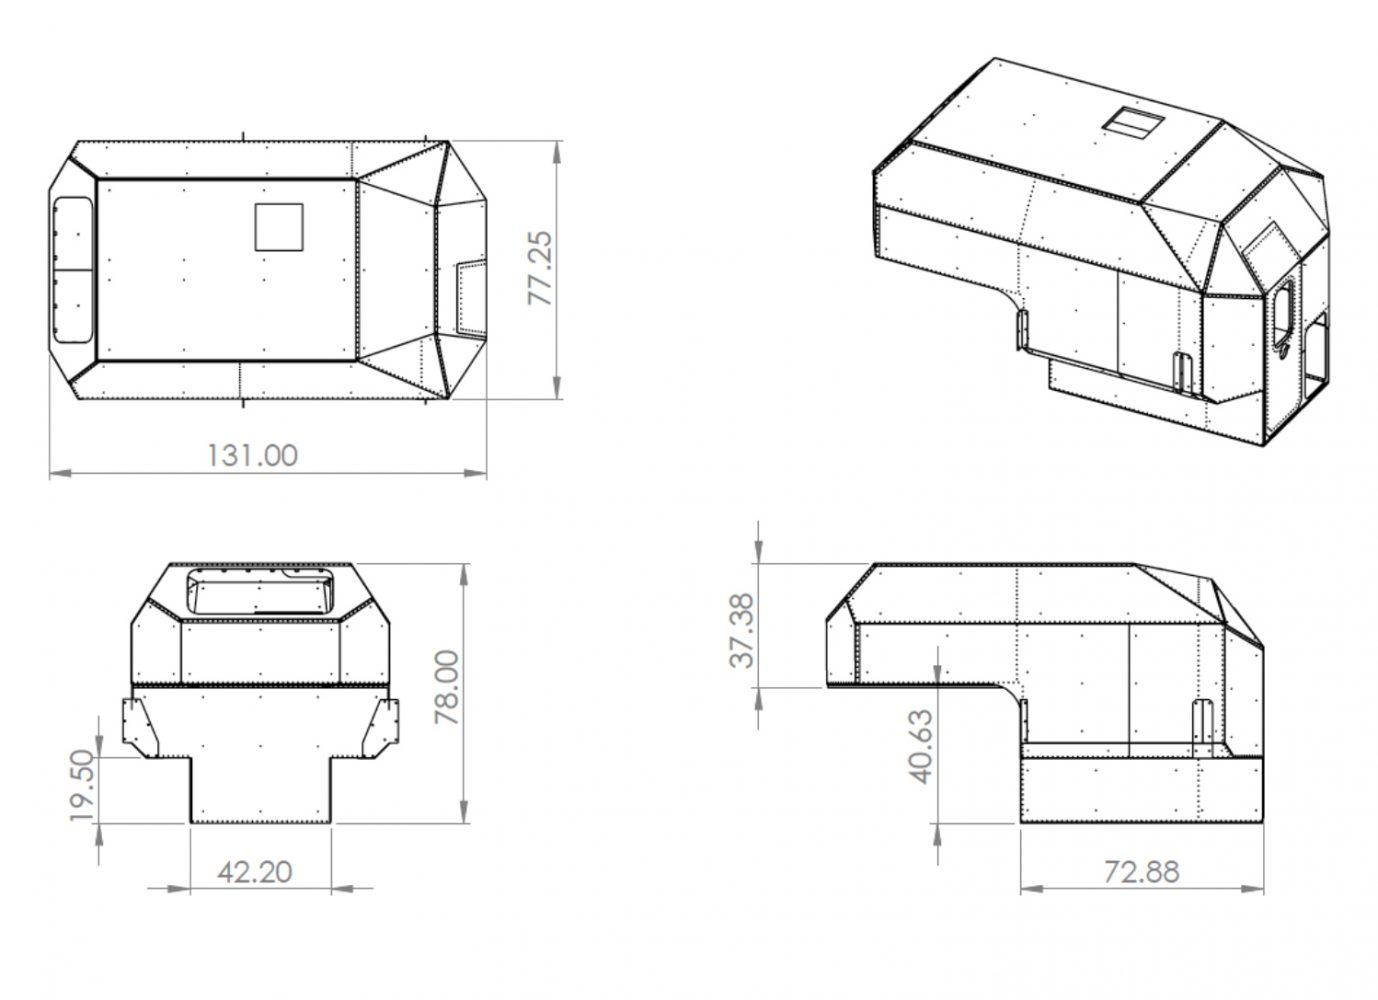 kimbo camper dimensions